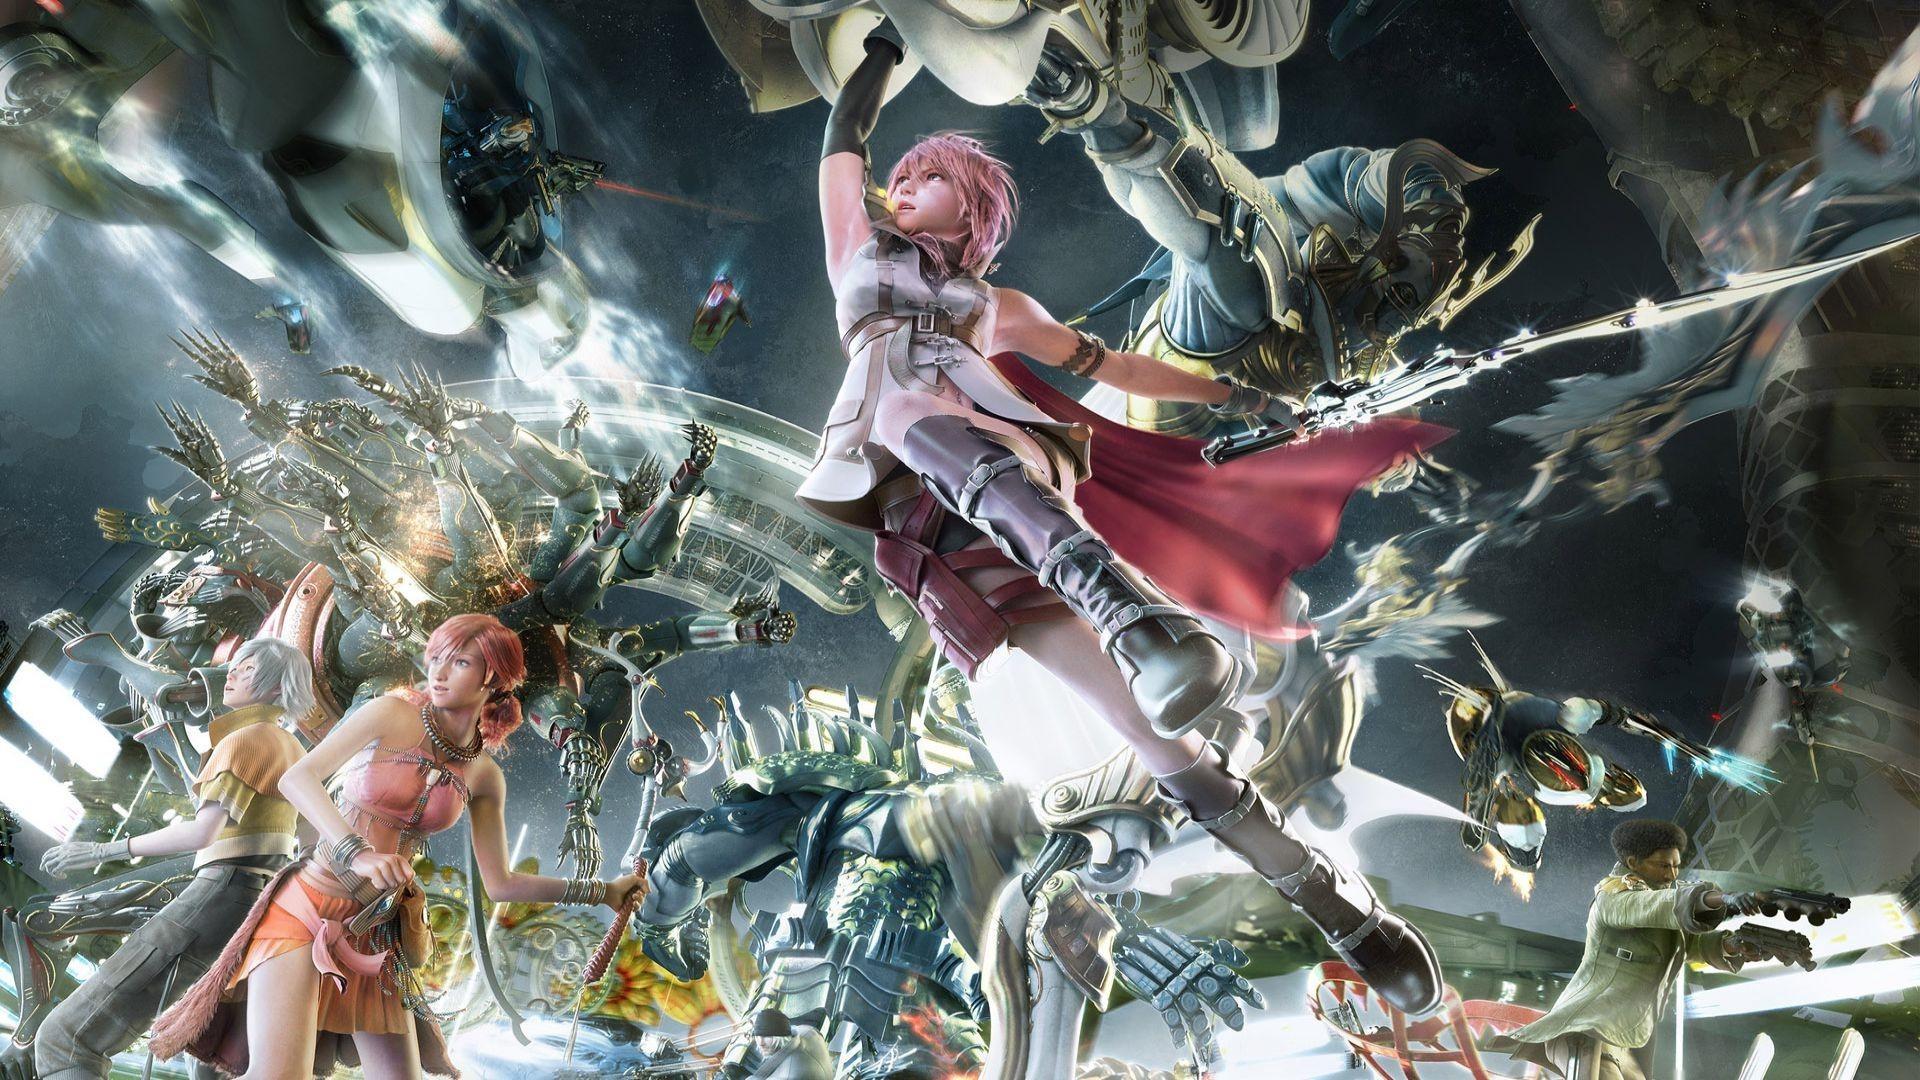 Final Fantasy Xiii 2 Wallpapers - WallpaperSafari